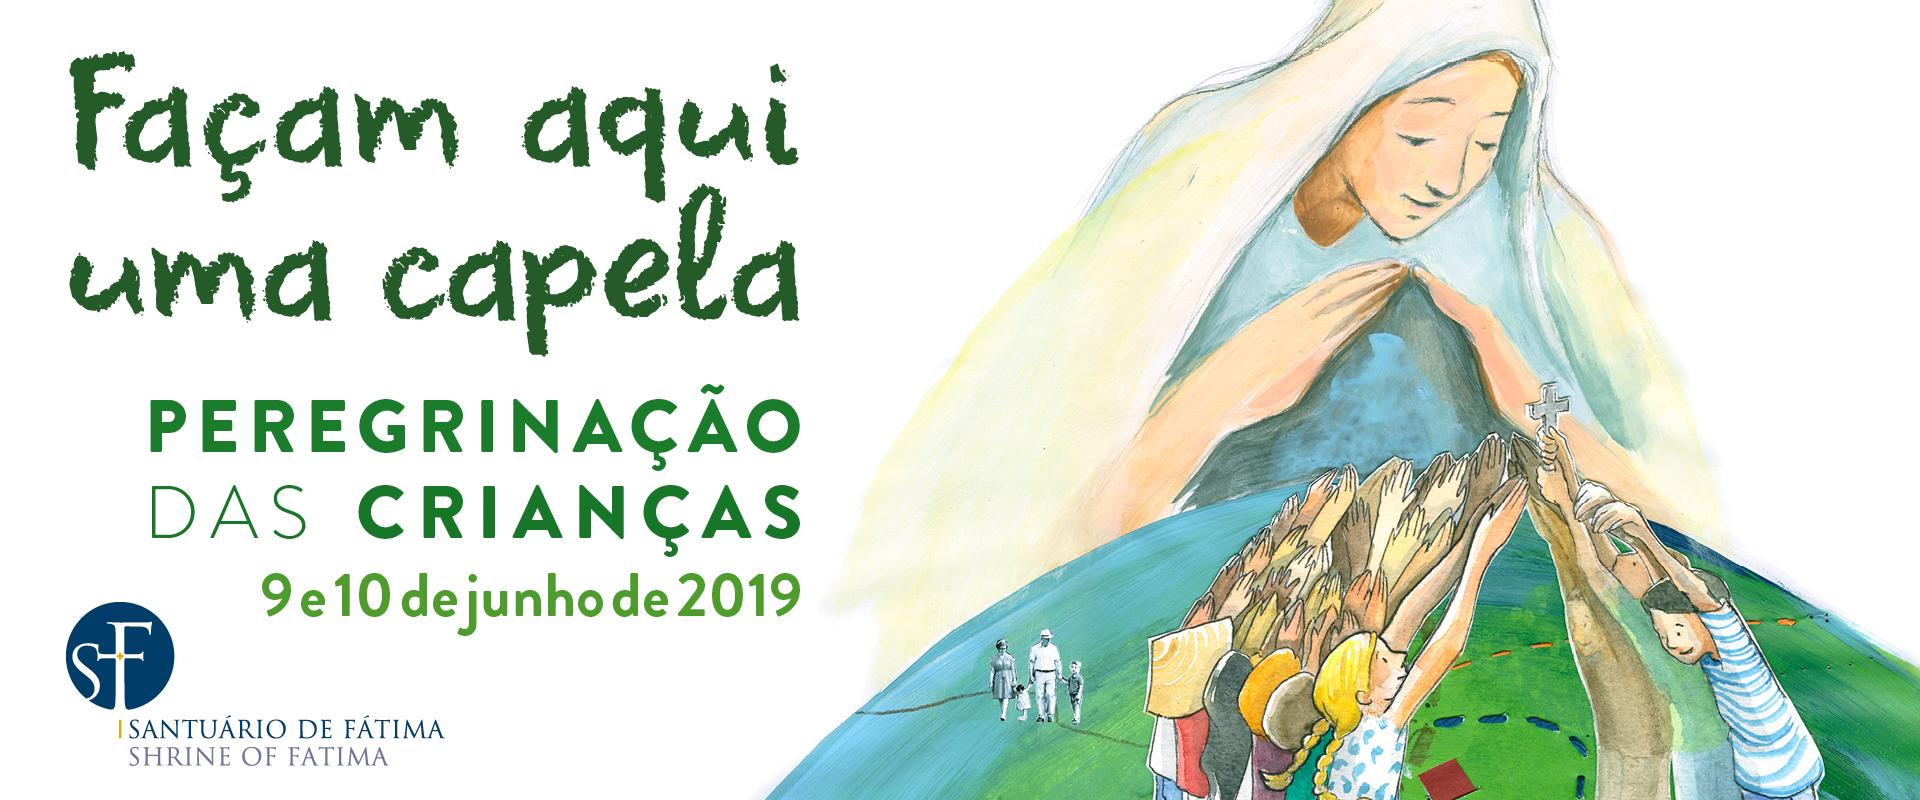 2019-04-05_Peregrinacao_Criancas2019.jpg